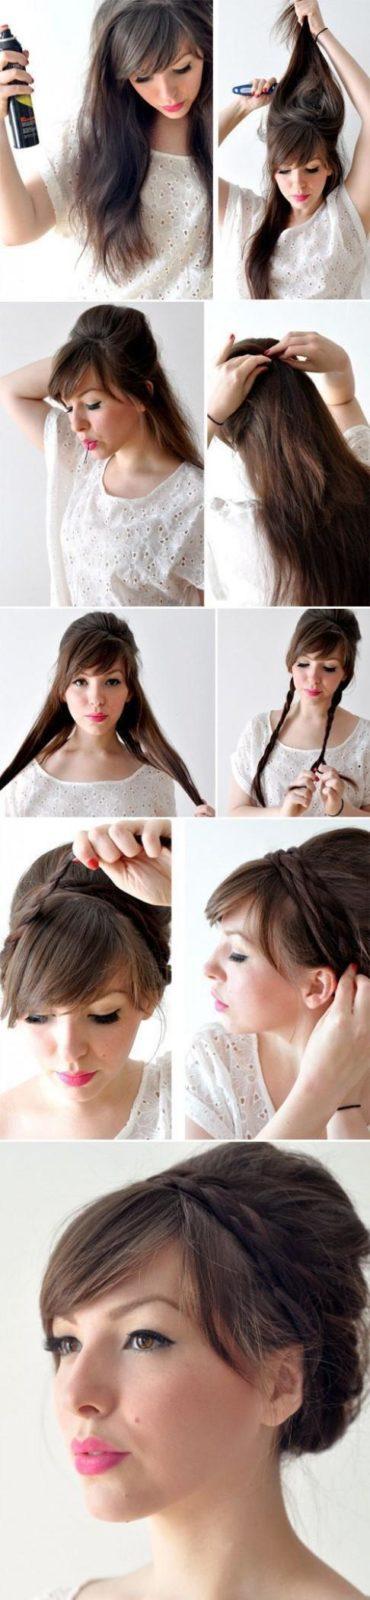 Причёска на длинные волосы с чёлкой в домашних условиях своими руками 52